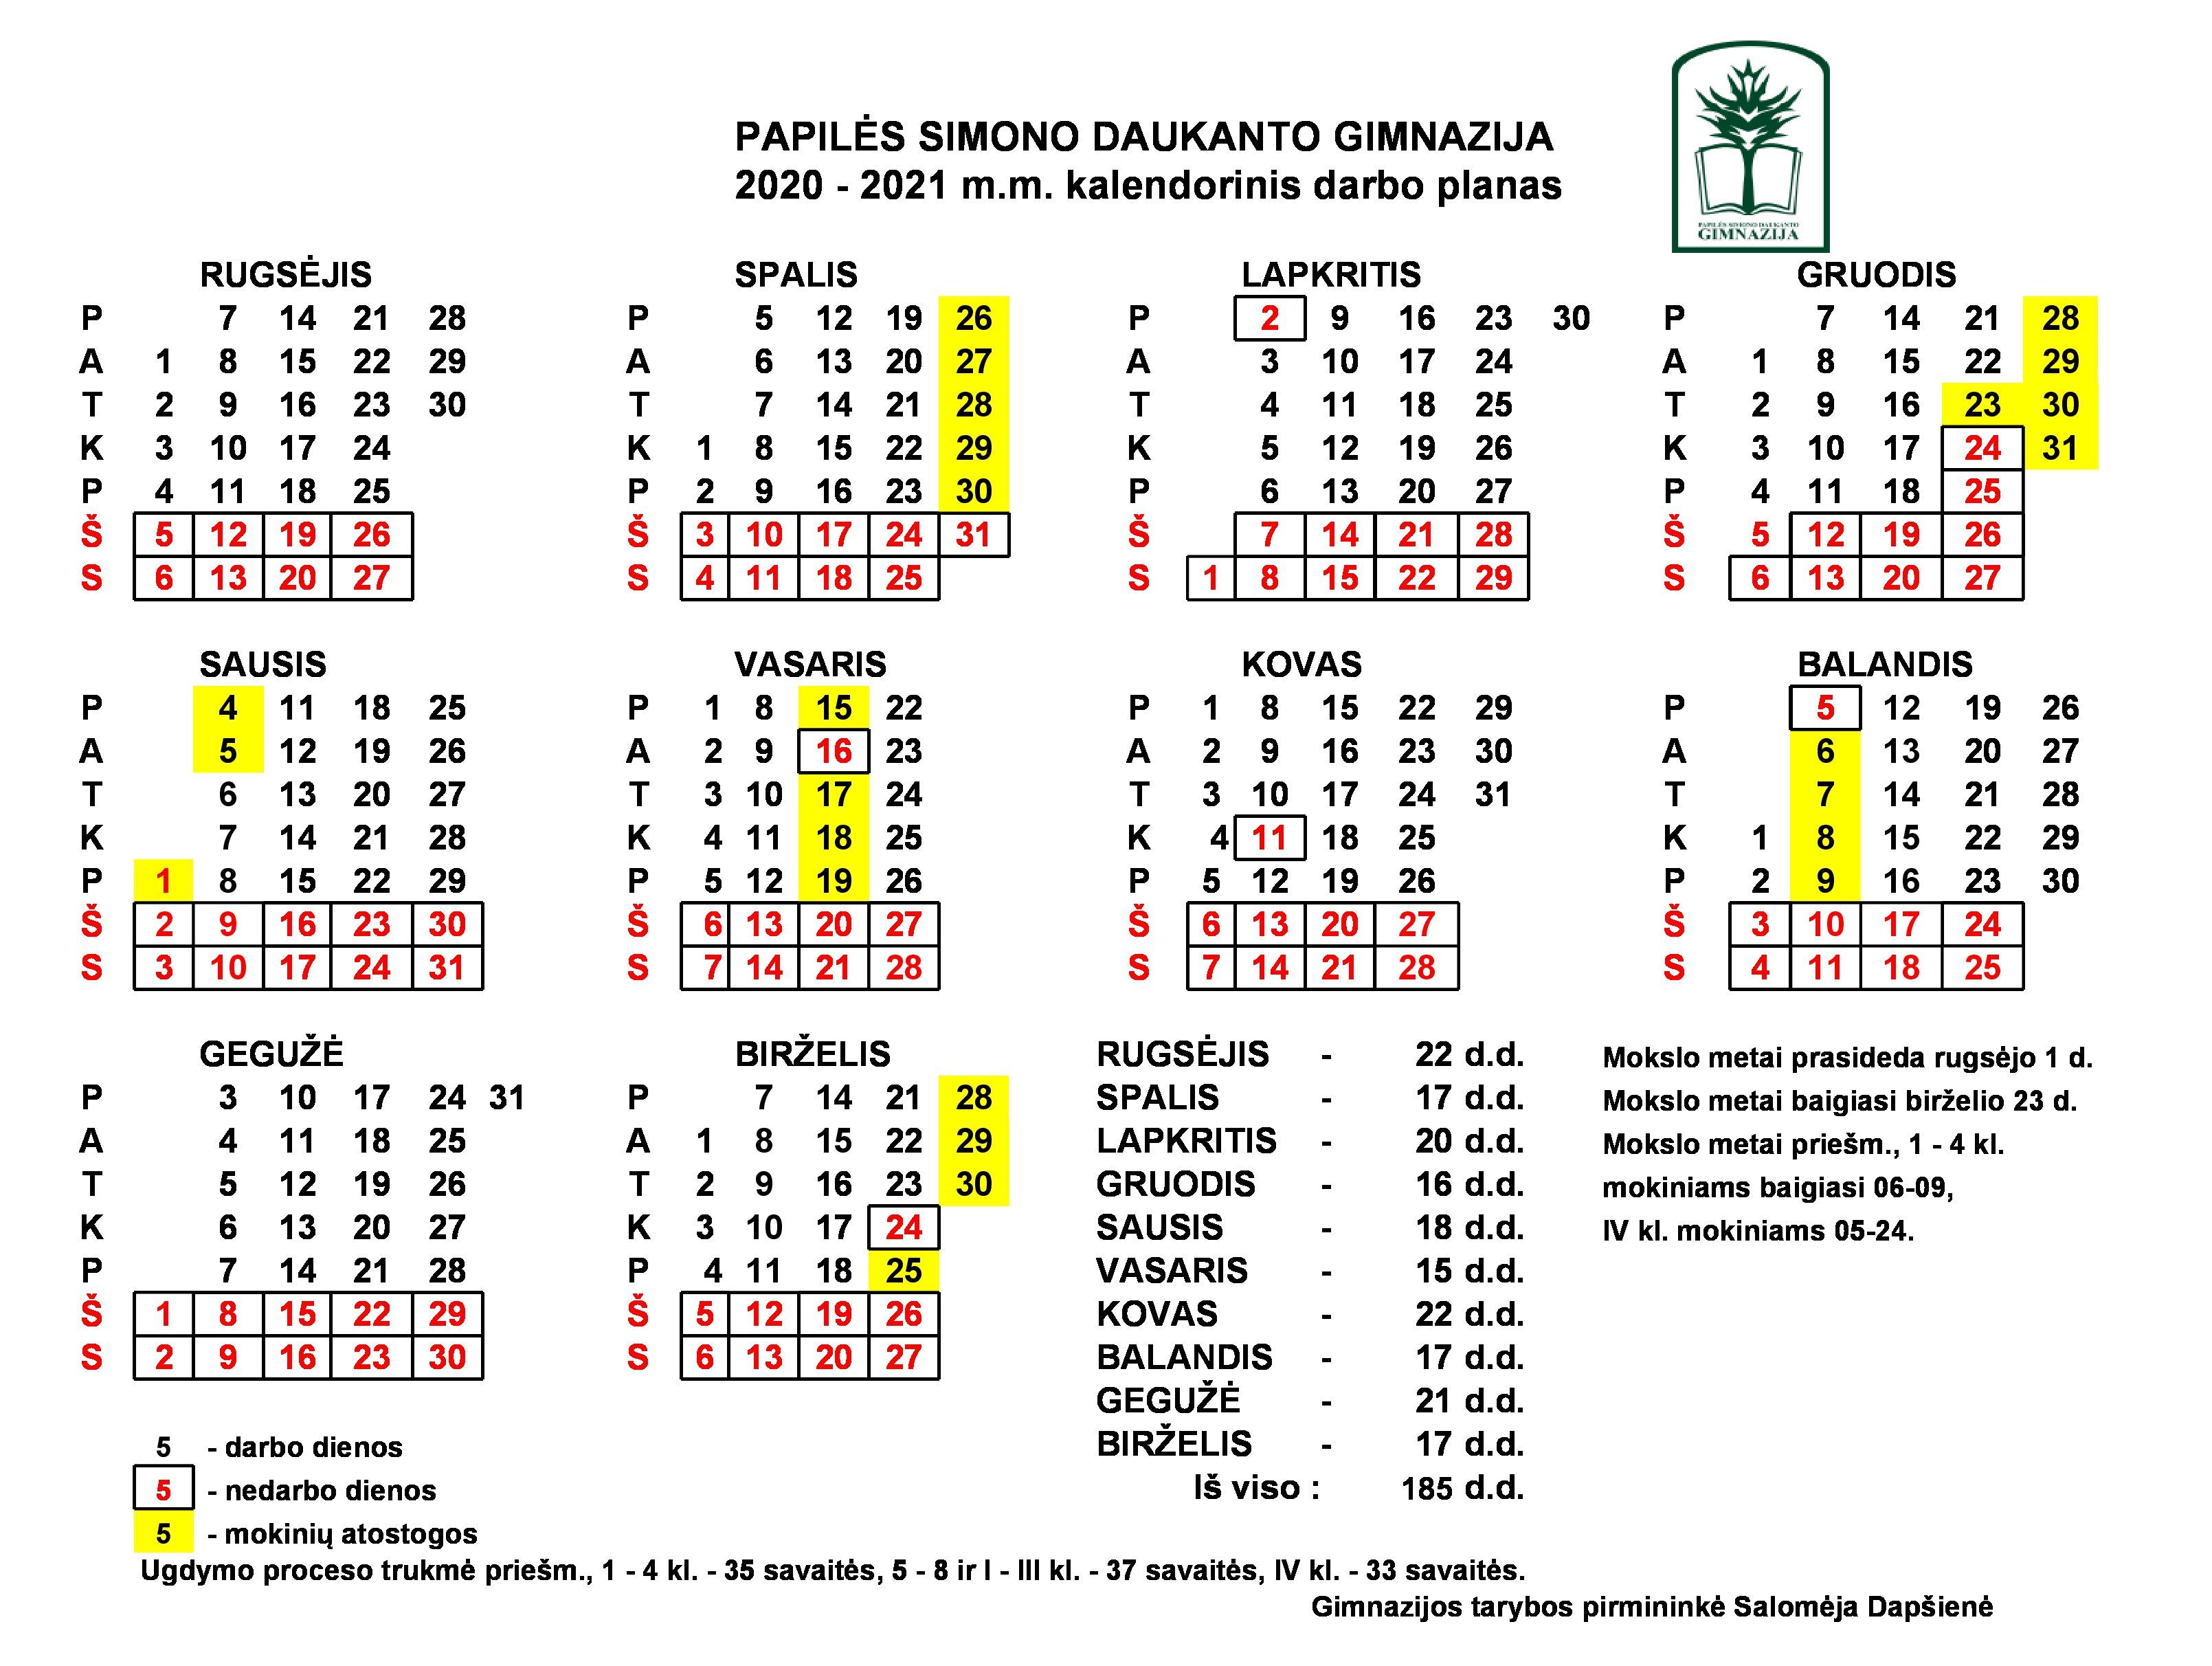 2020-2021 m.m. kalendorinis darbo planas